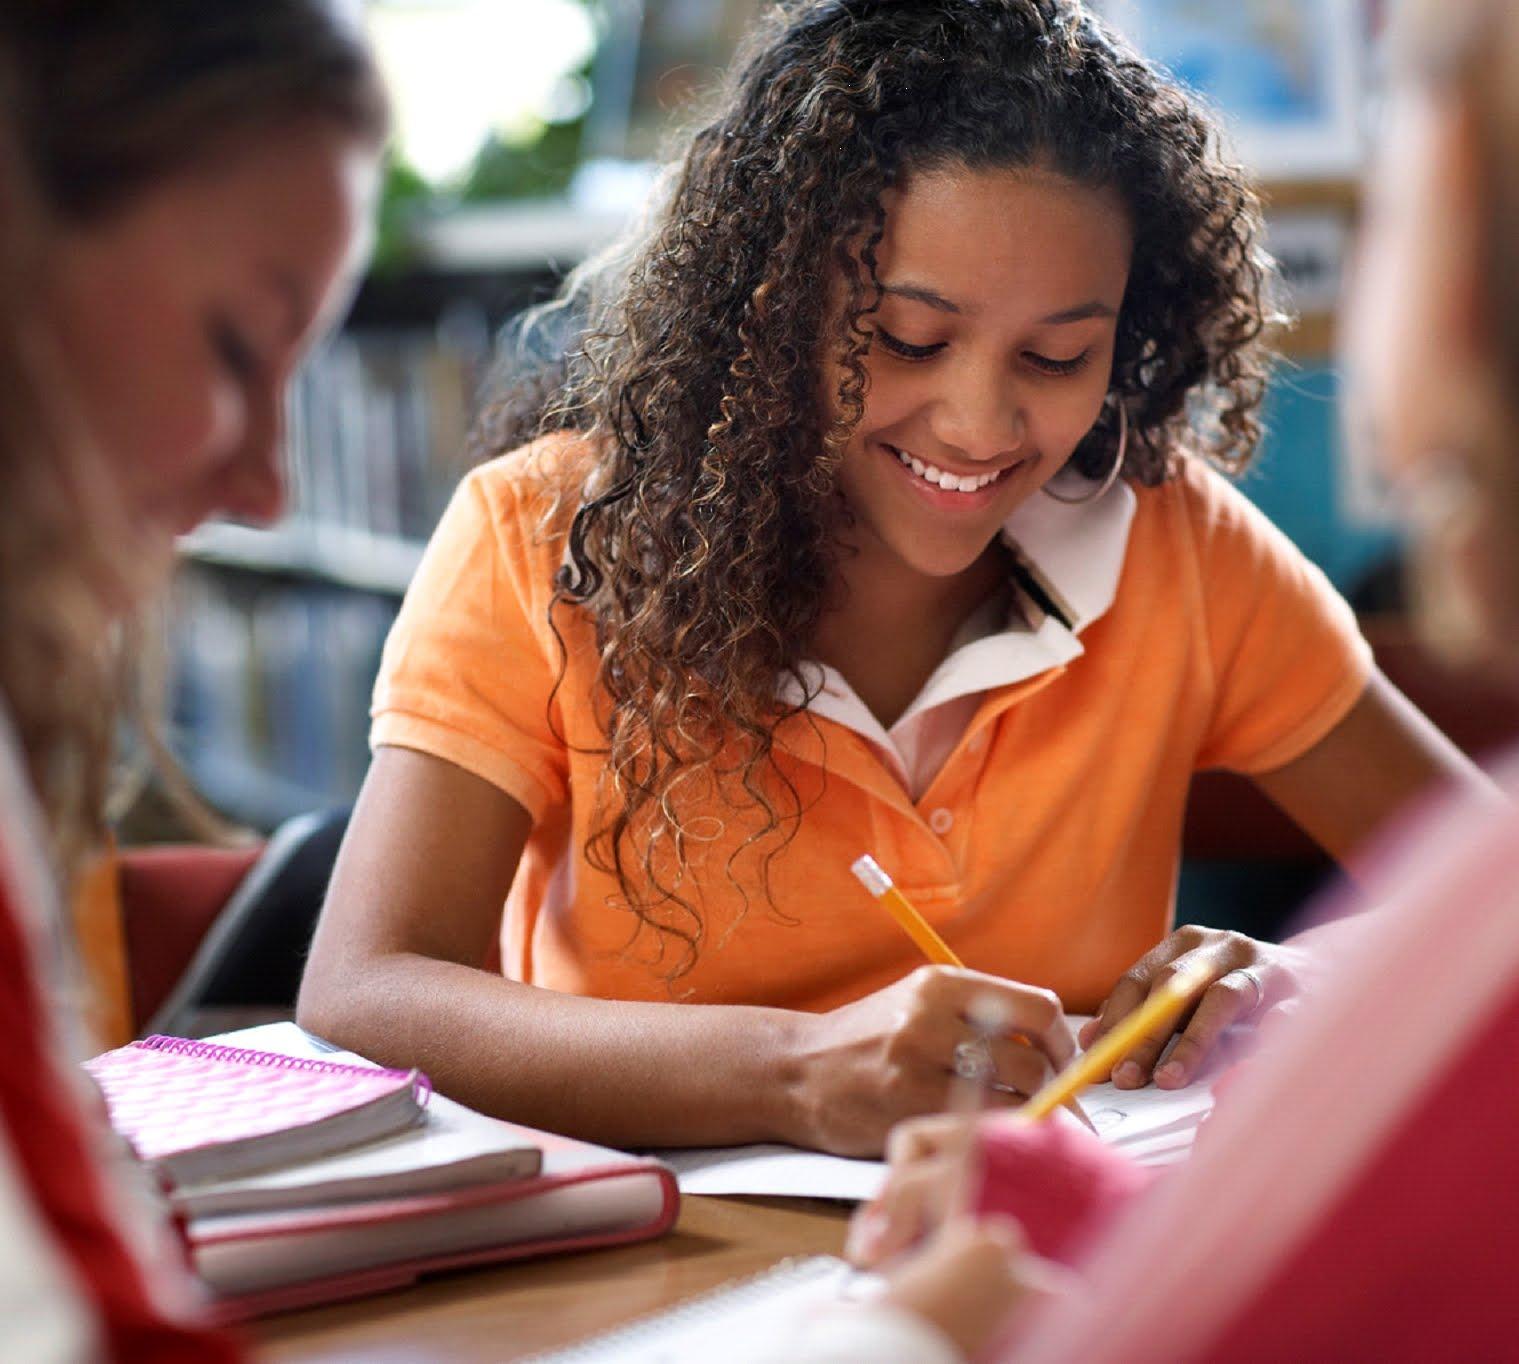 Tomar cursos de ingles y otros idiomas?